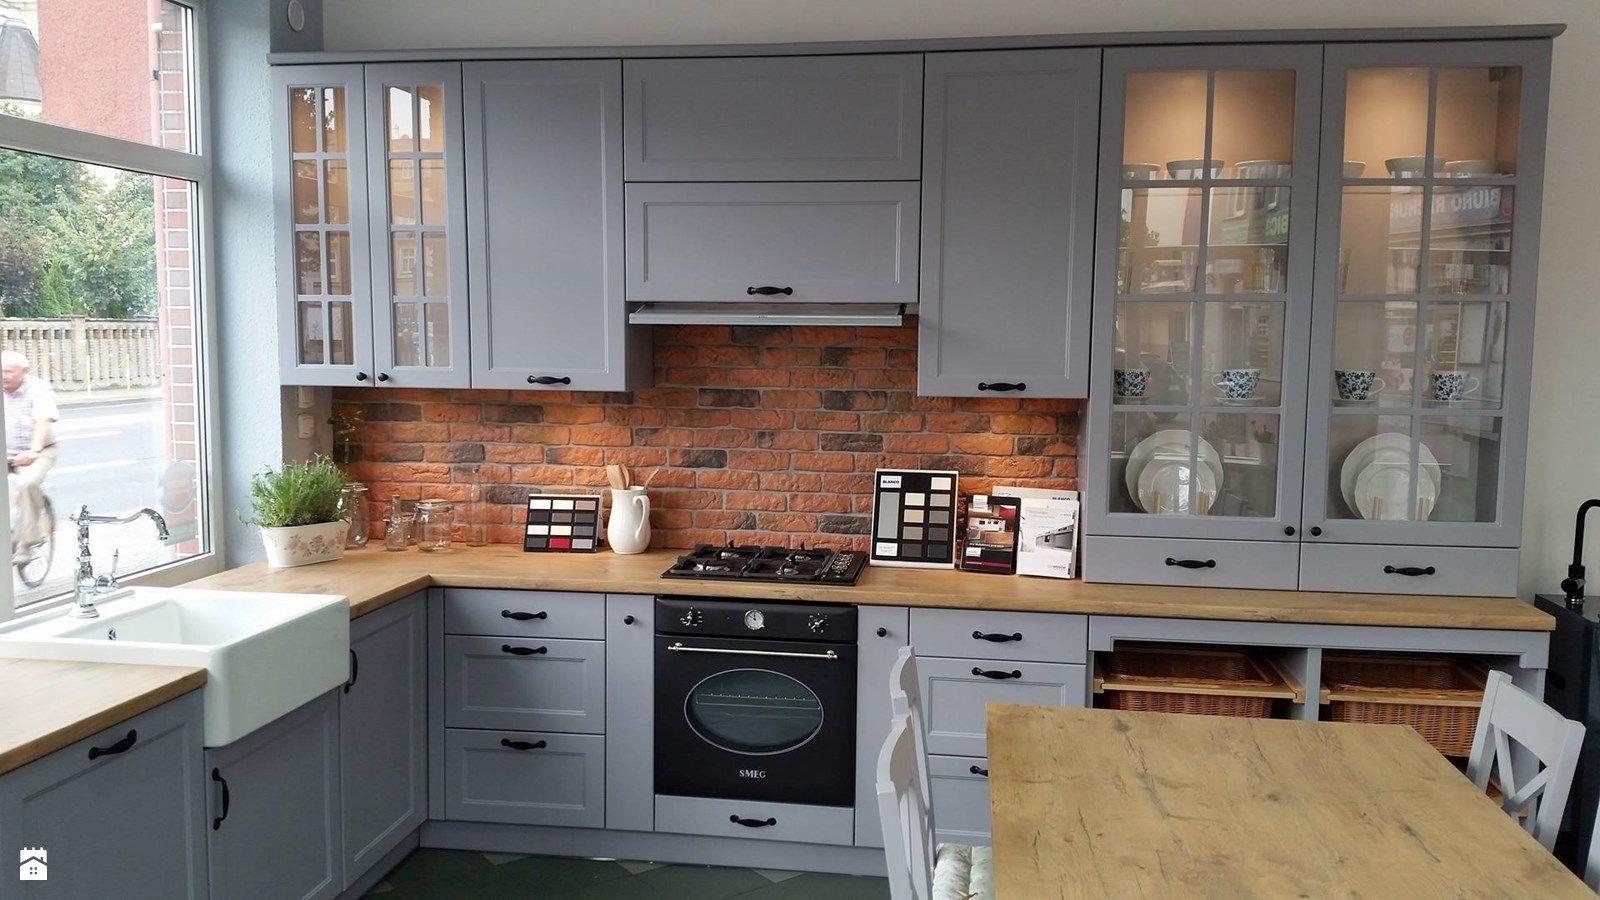 Wystroj Wnetrz Kuchnia Pomysly Na Aranzacje Projekty Ktore Stanowia Prawdziwe Inspiracje Kitchen Dinning Room Kitchen Design Scandinavian Kitchen Design